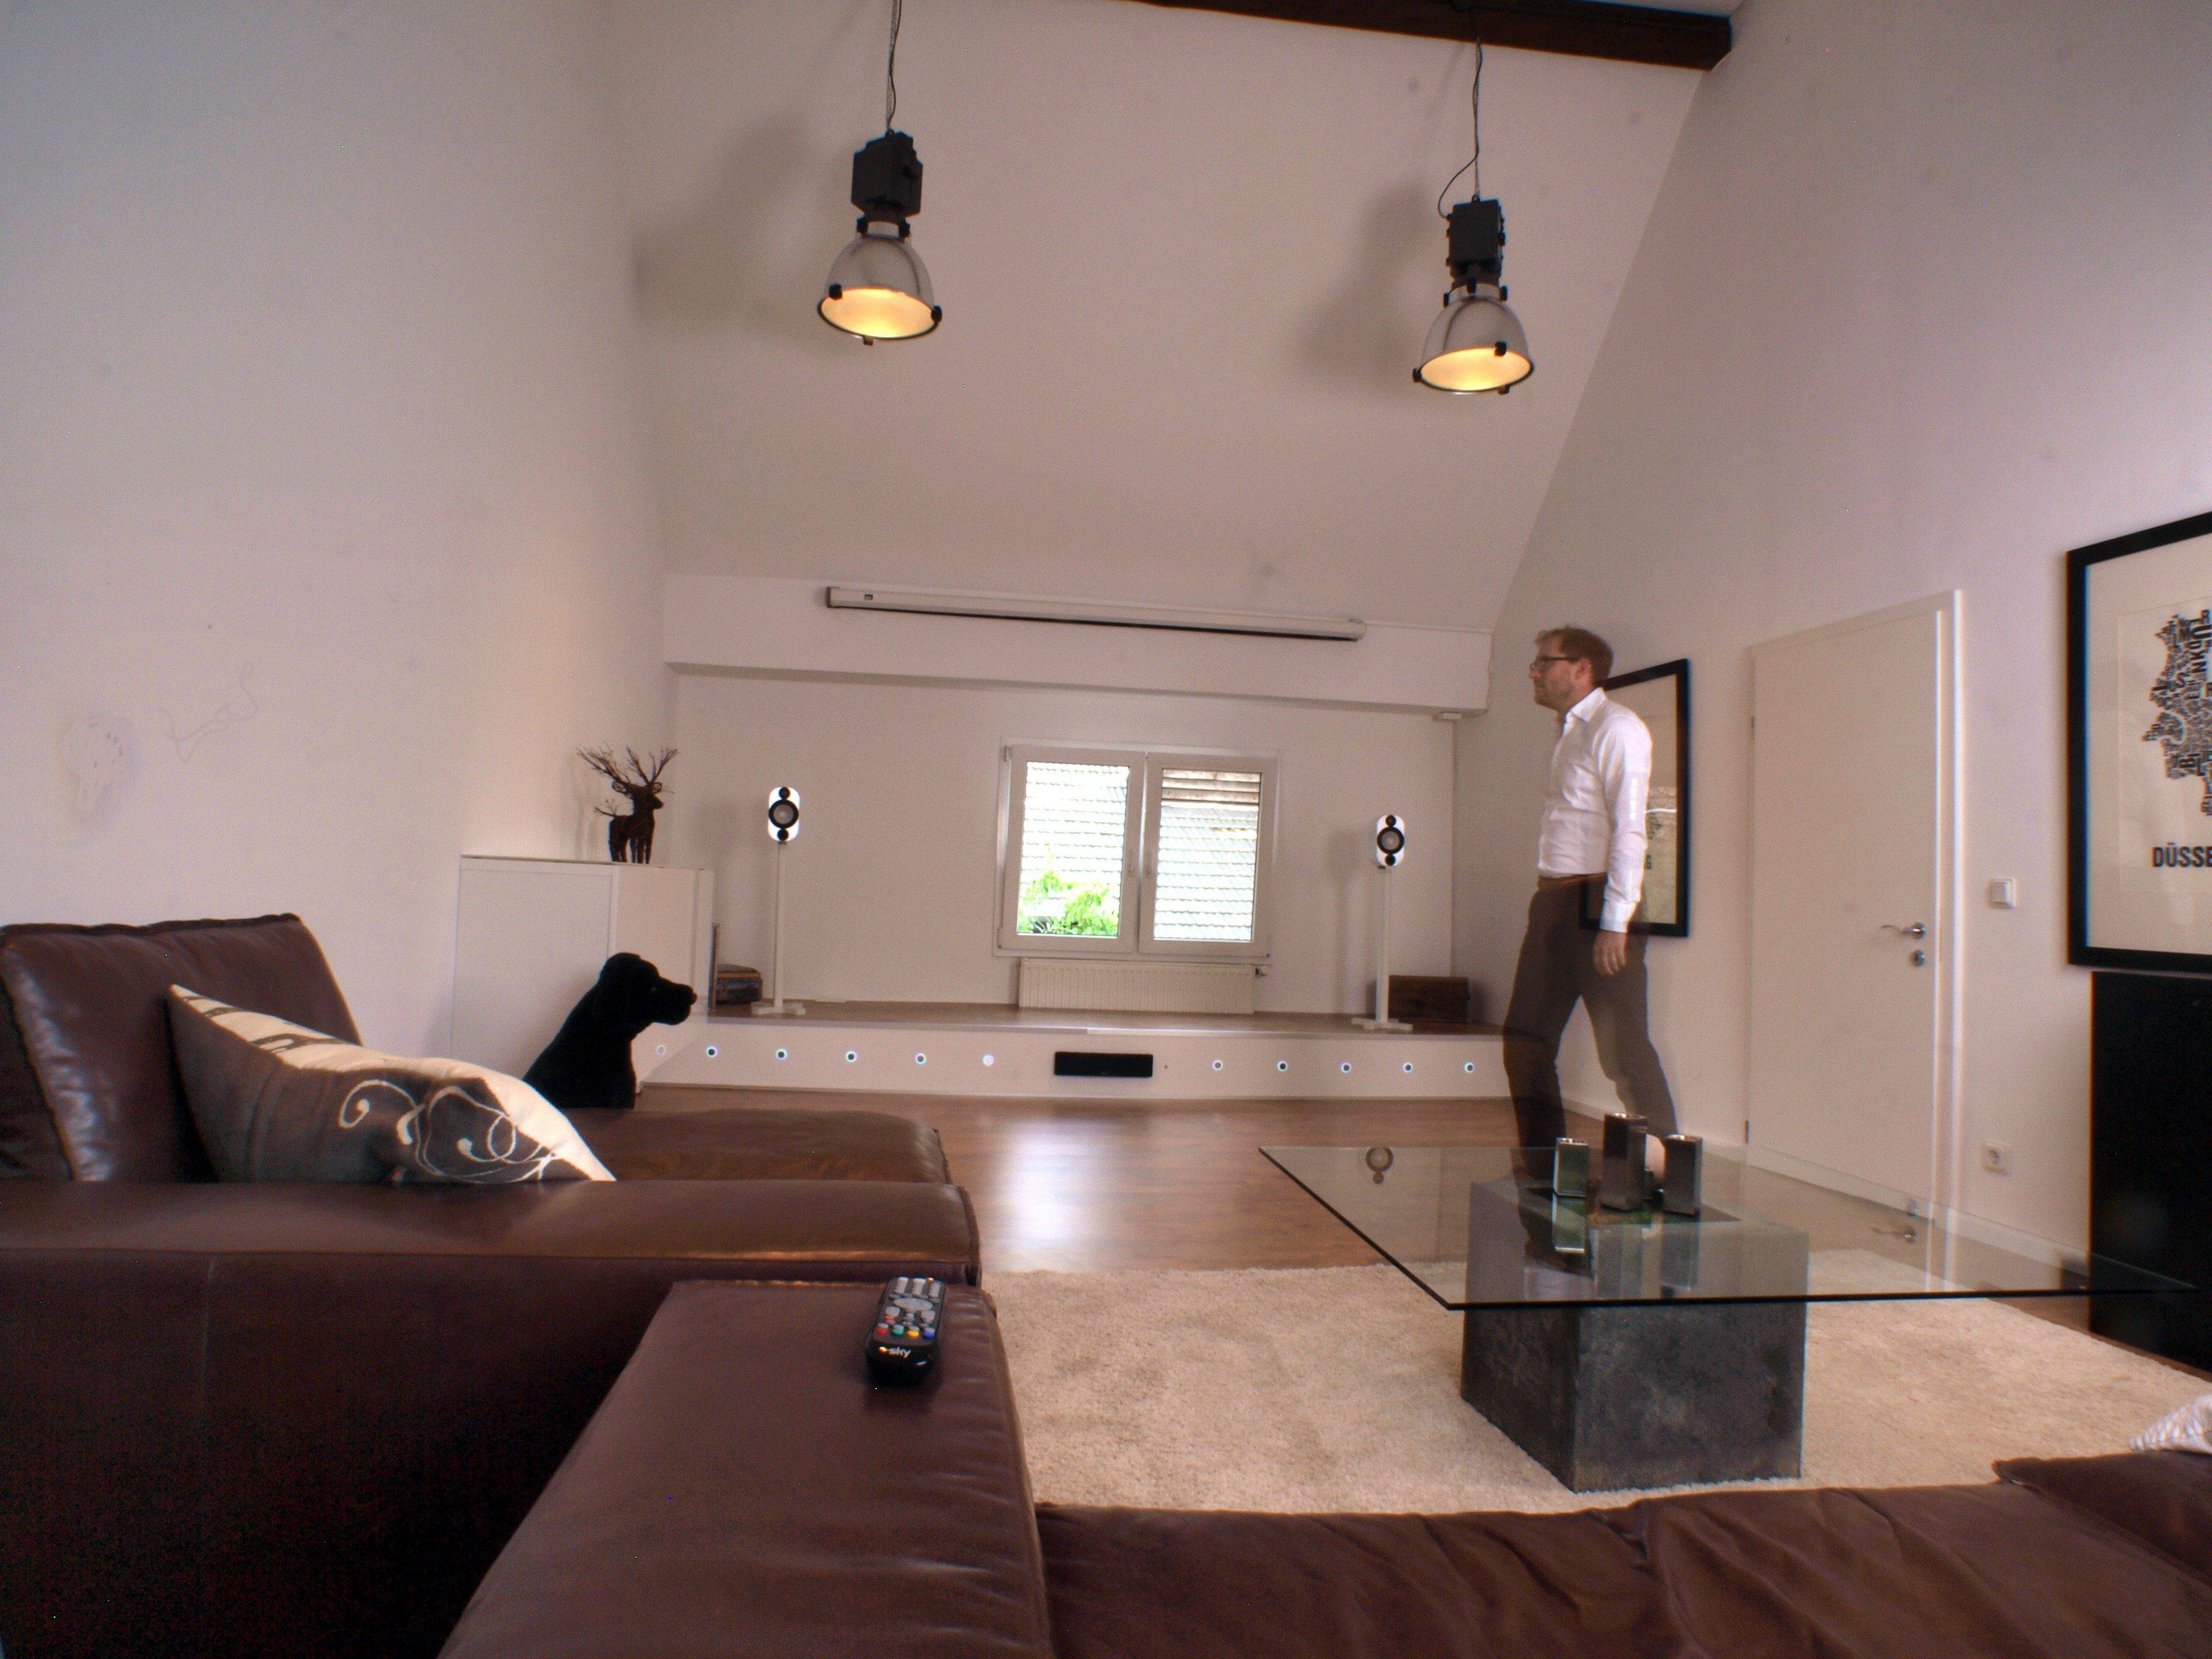 Bauanleitung podest ihr traumhaus ideen for Podest wohnzimmer